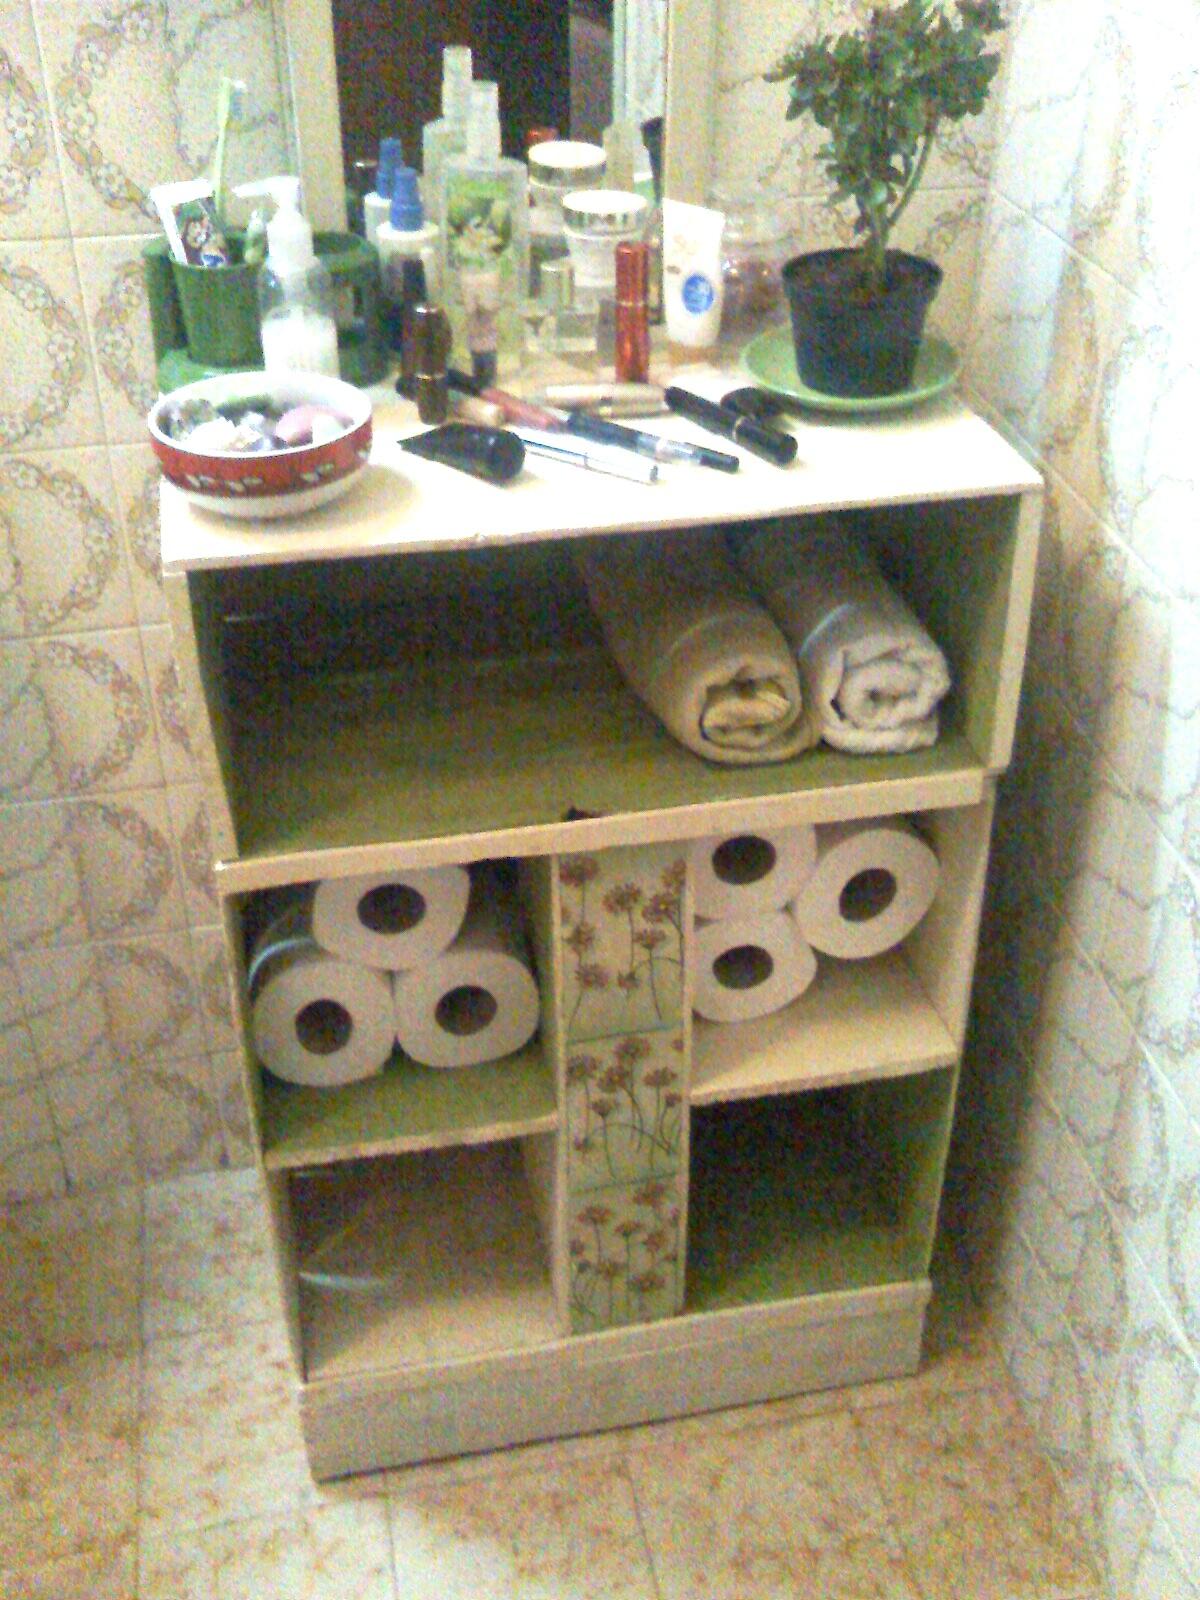 Artes e Badulaques Armário de banheiro com caixotes -> Banheiro Decorado Com Caixote De Feira